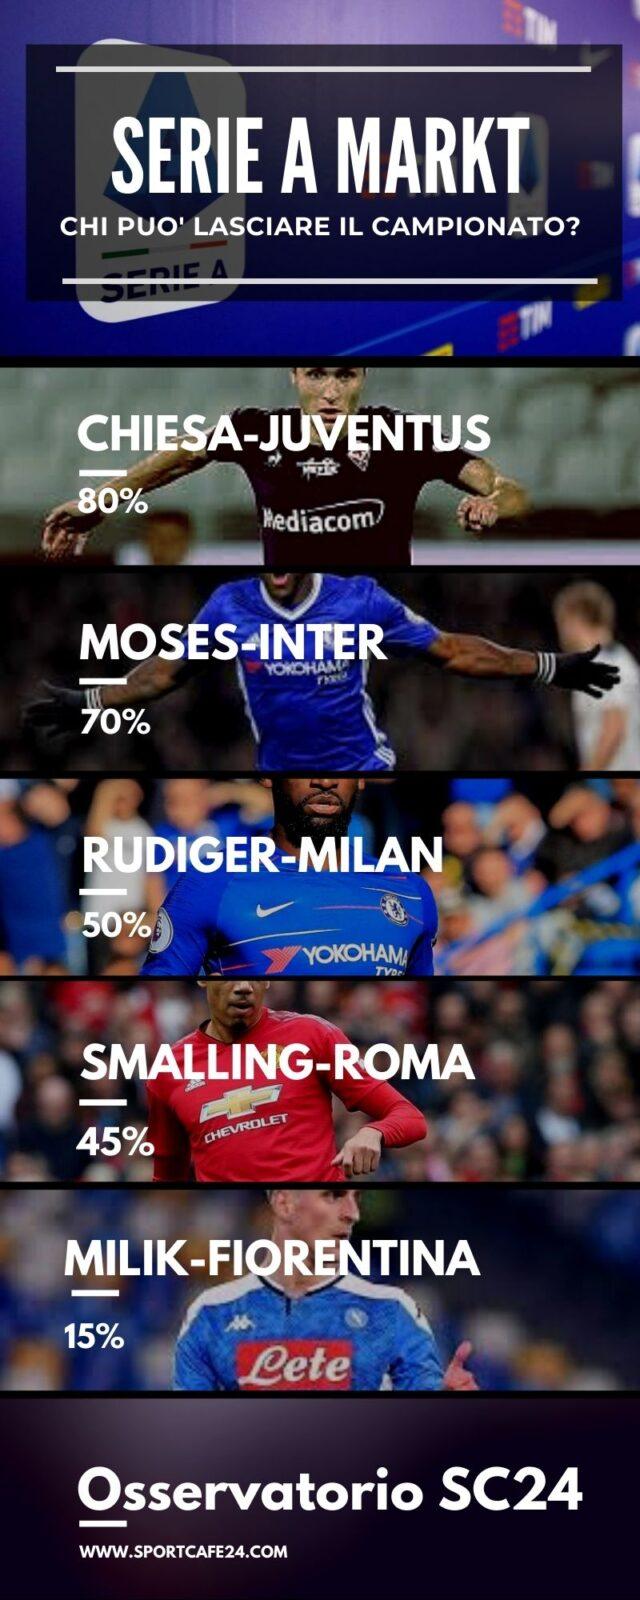 Rudiger finirà al Milan?